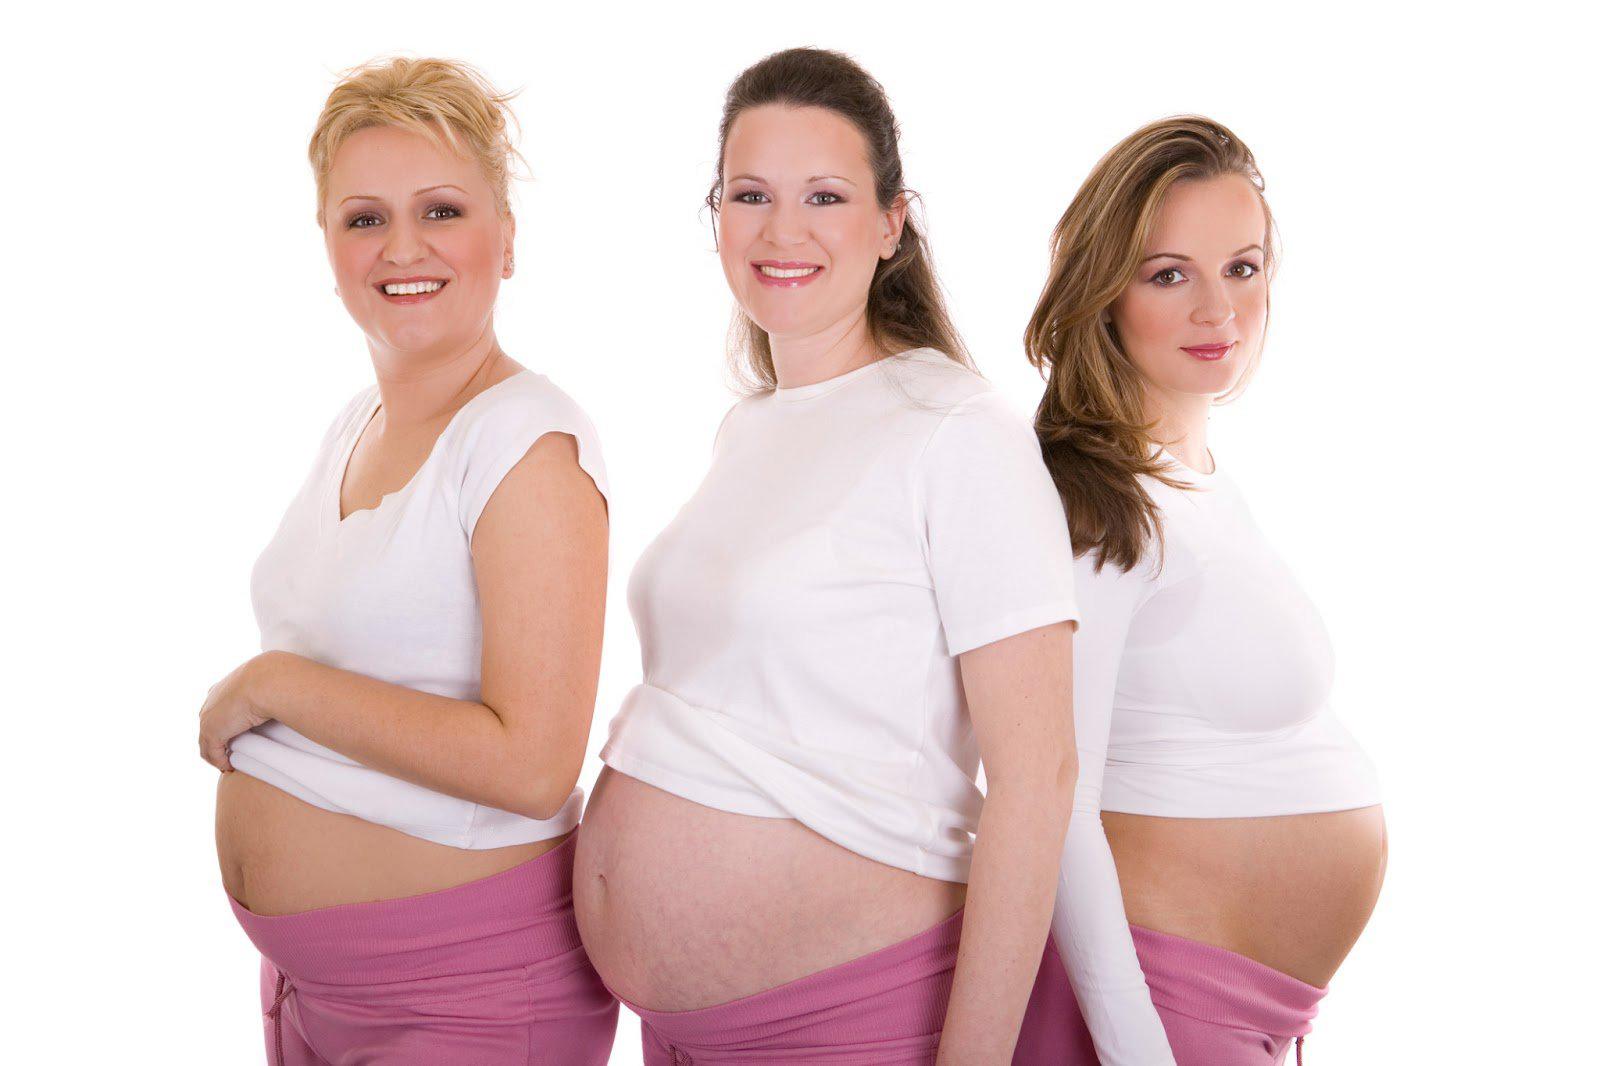 Беременность в 42 года: особенности, риски, мнения врачей